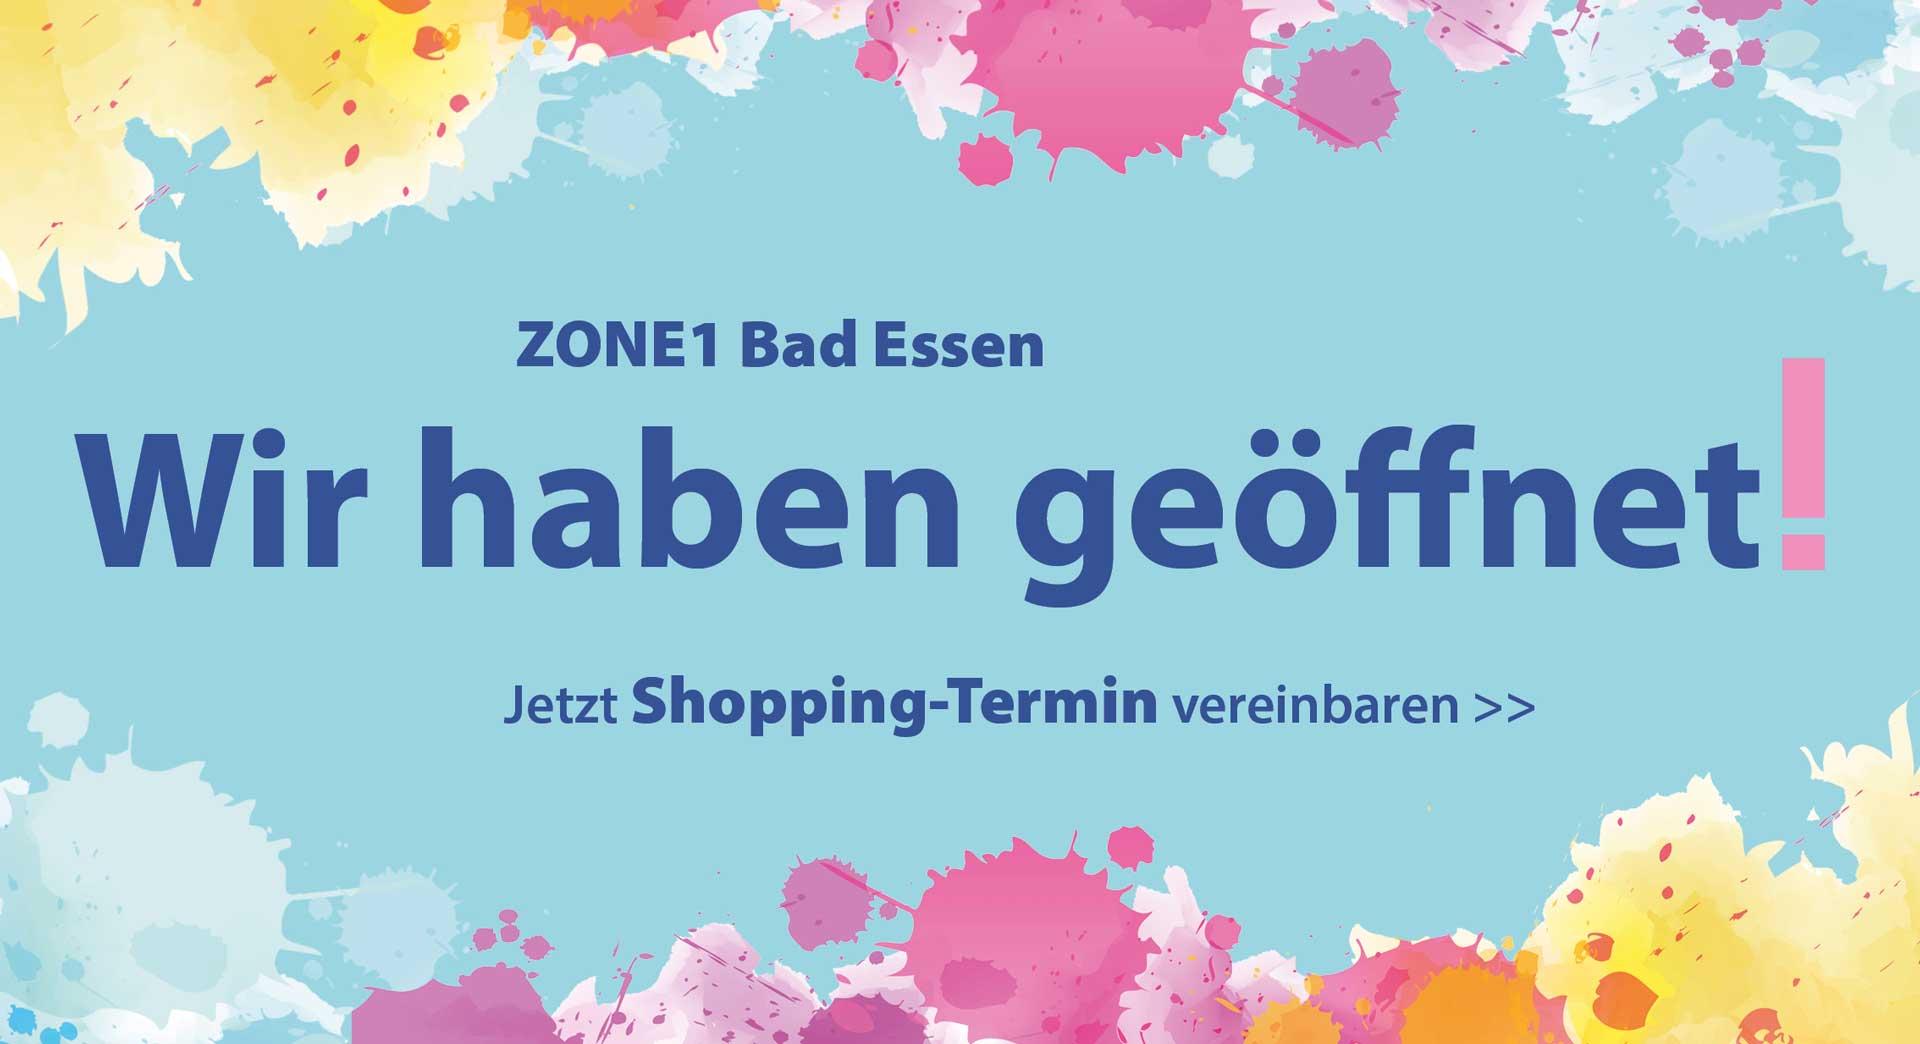 zone1-BE-geoeffnet